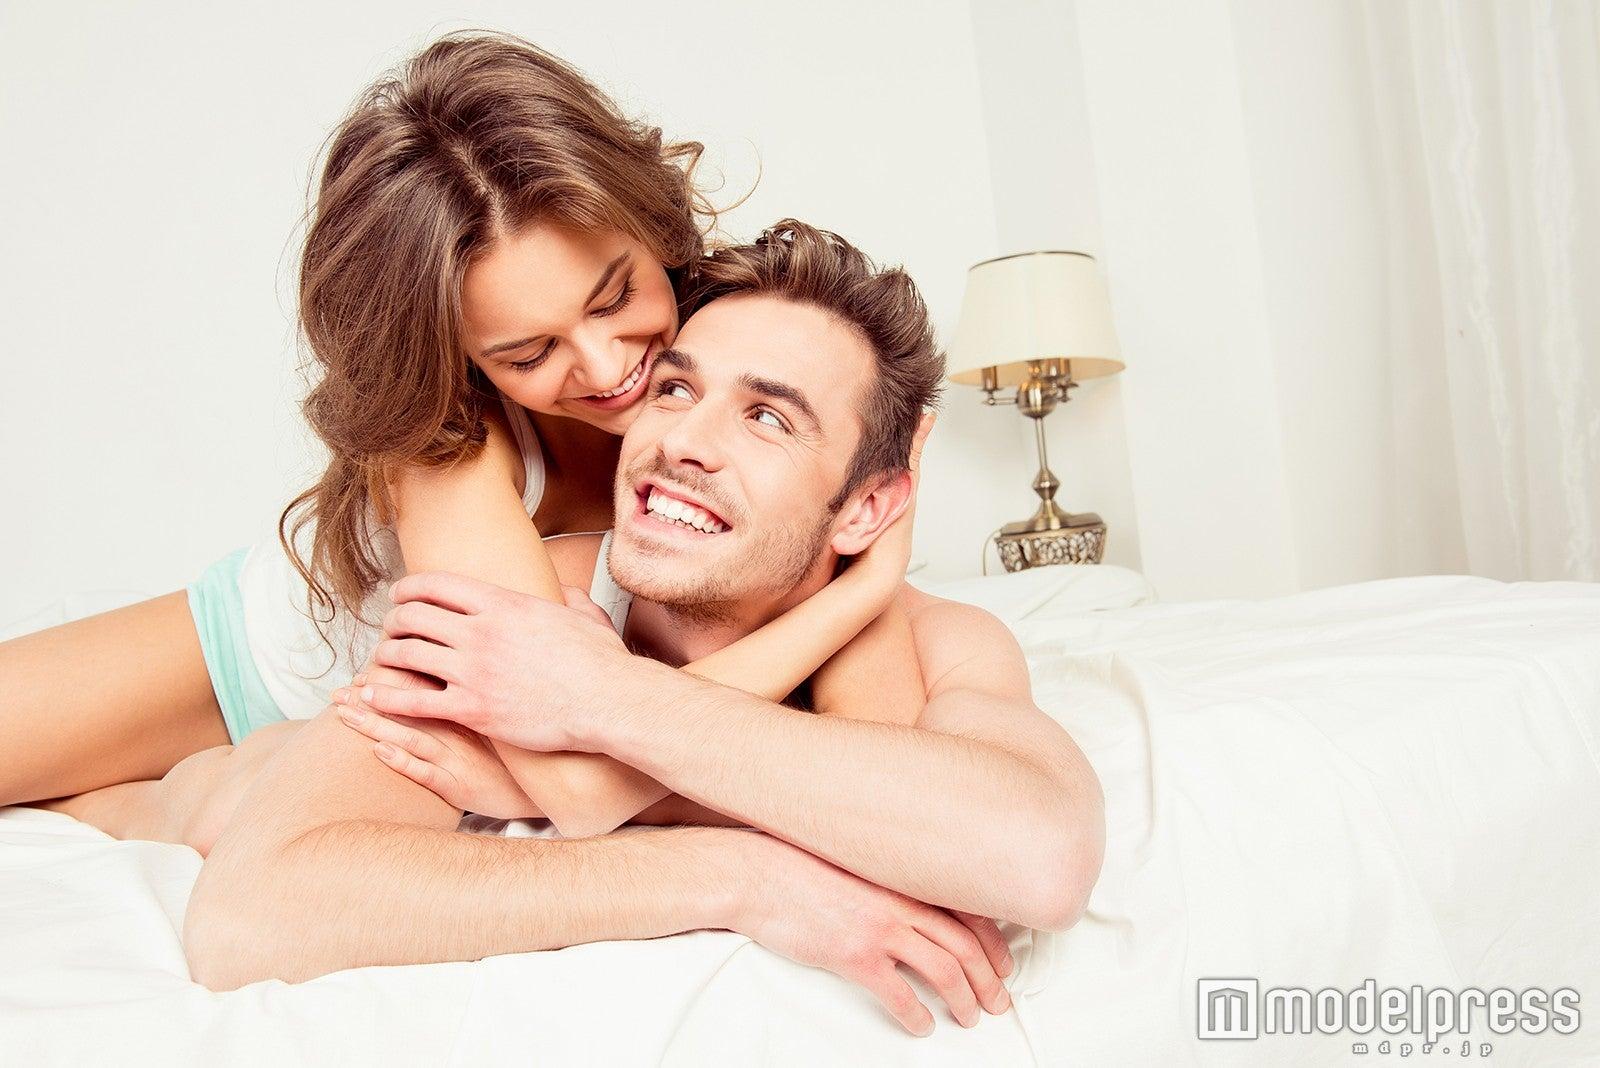 後ろからそっと抱きつく…男性が本当に求めているスキンシップはこの5つ!